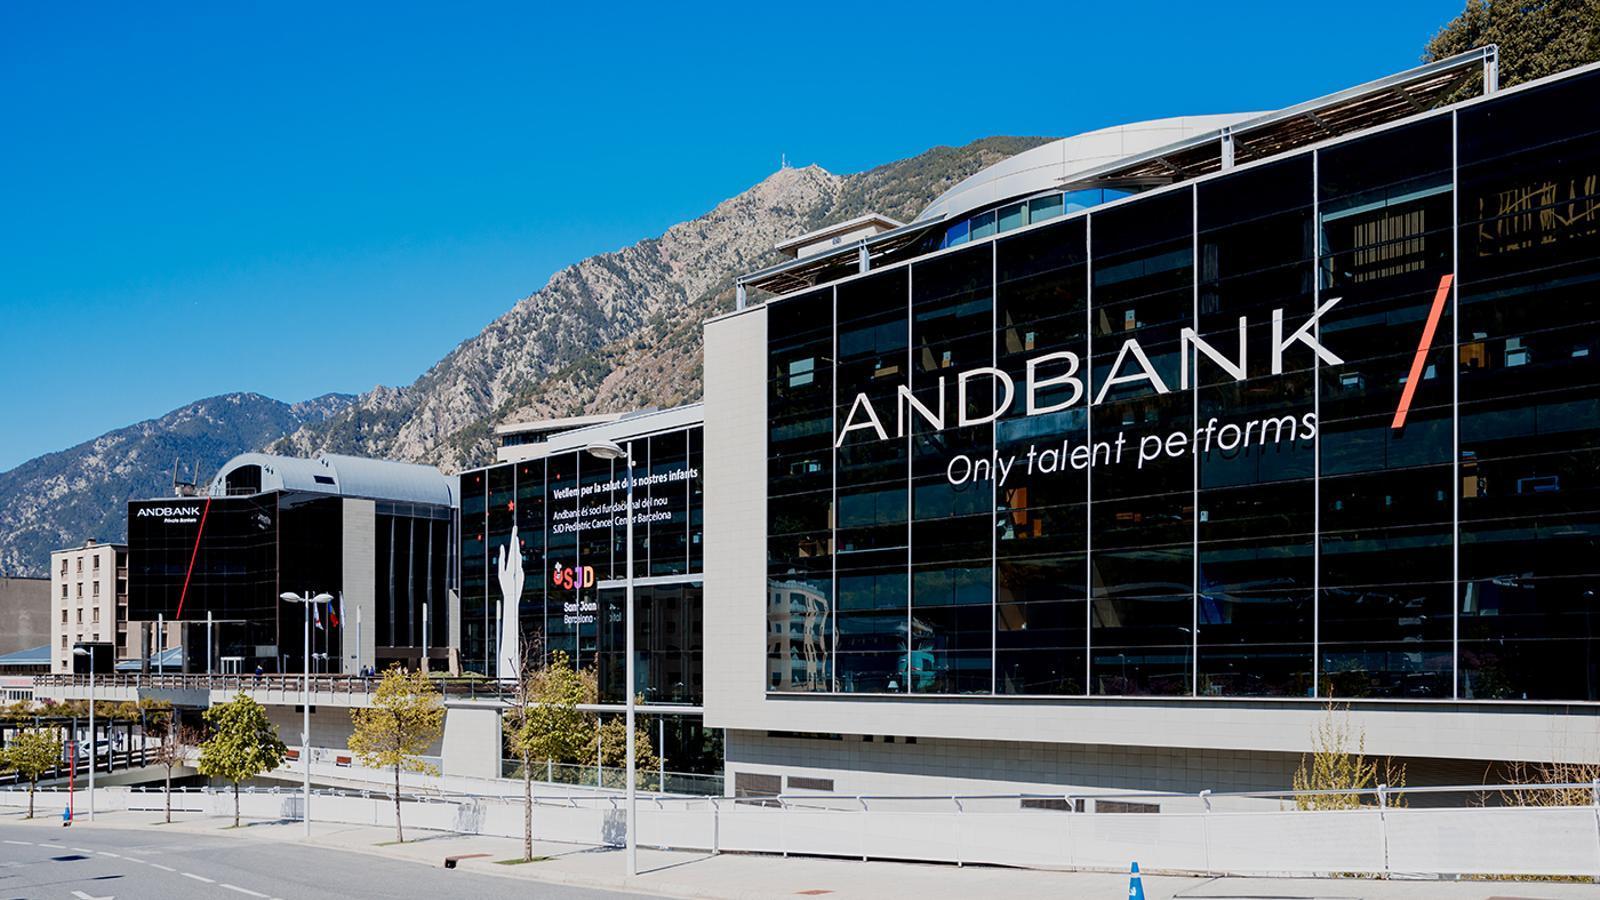 L'edifici d'Andbank. / ANDBANK